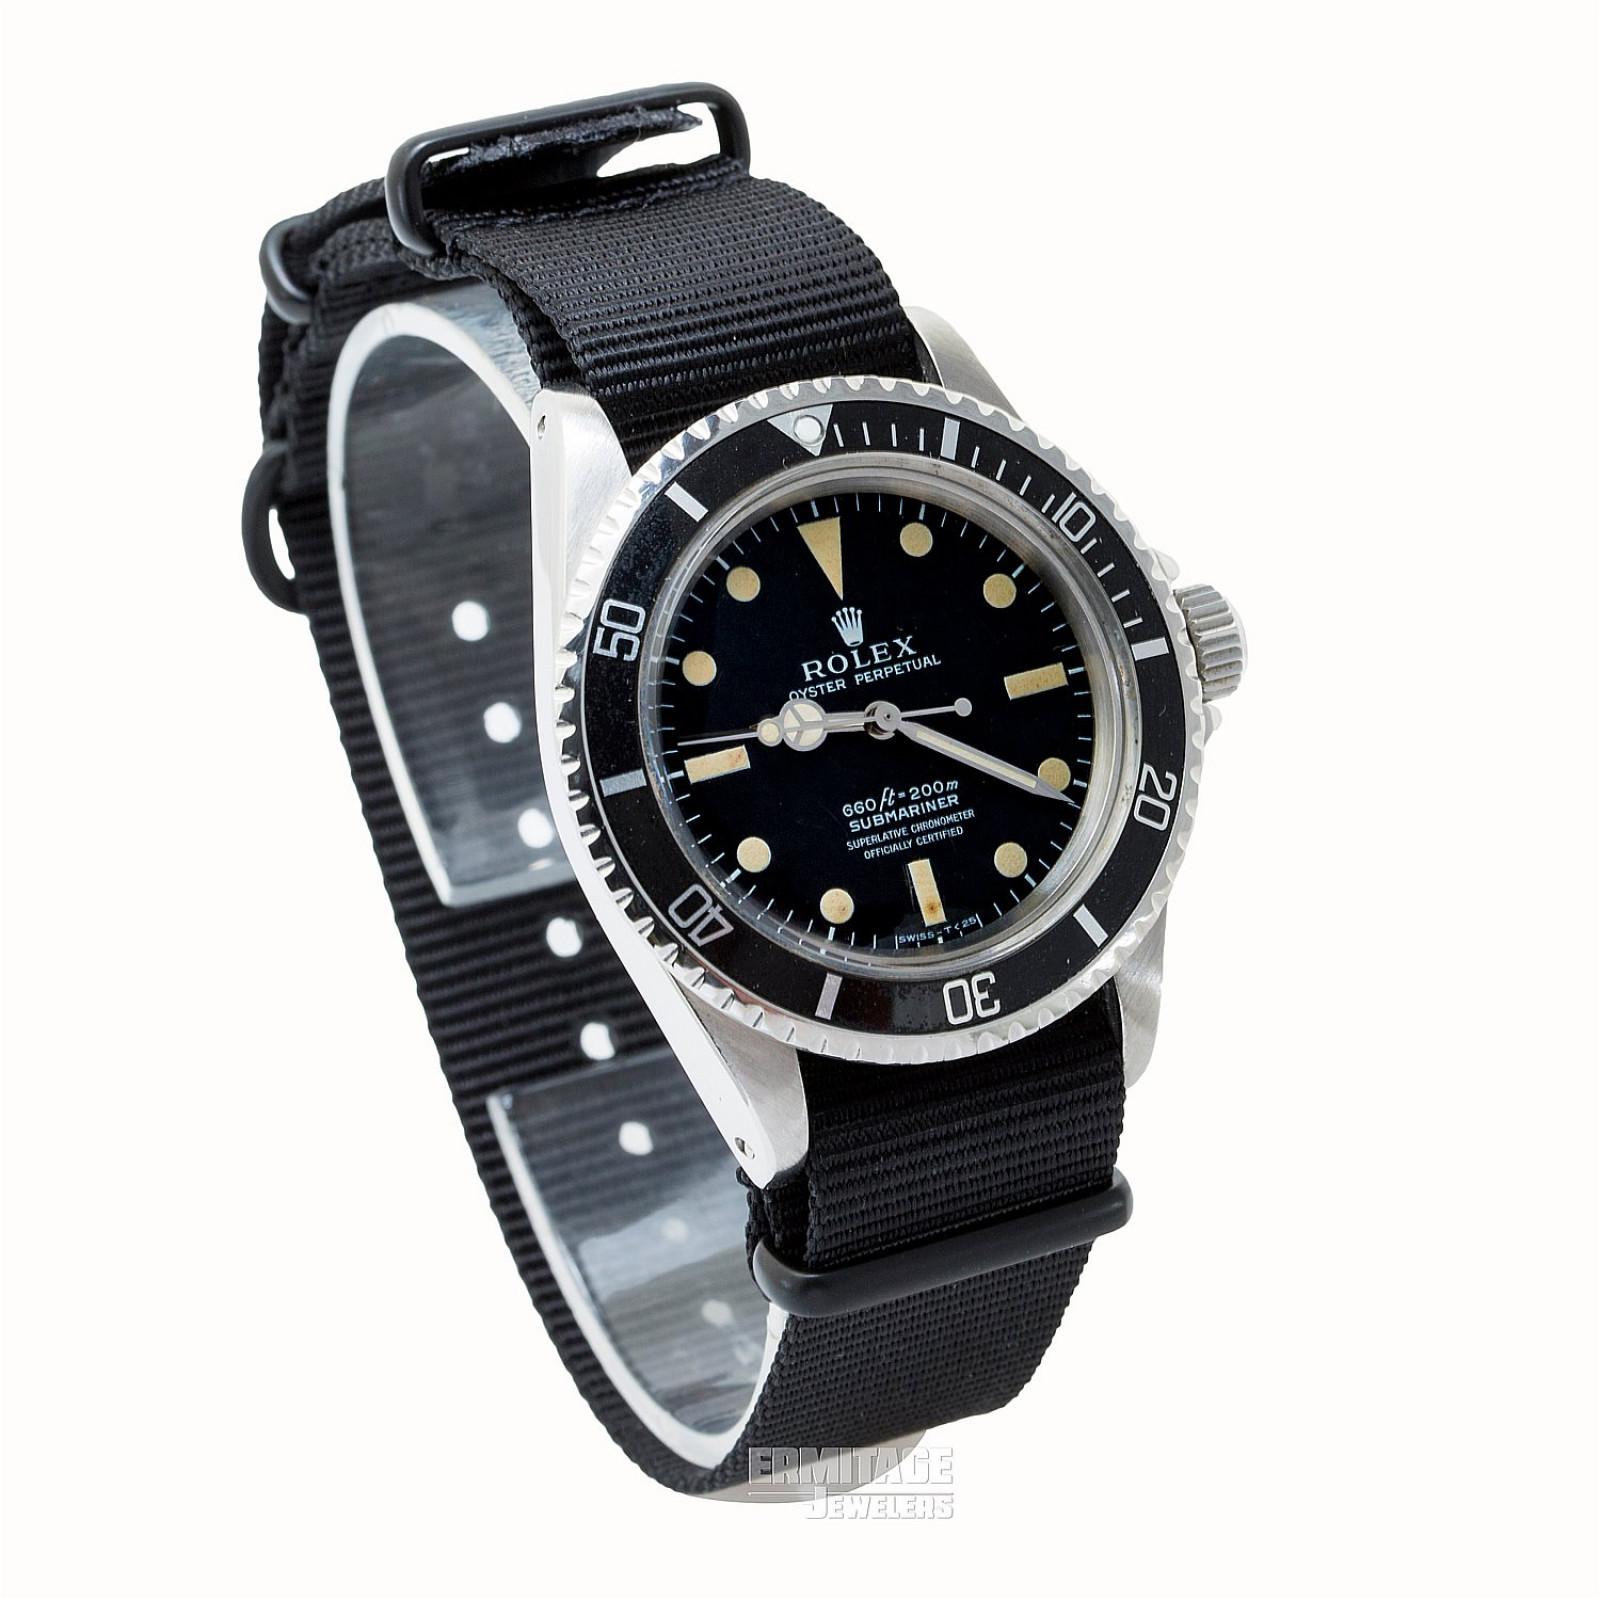 1967 Rolex Submariner Ref. 5512